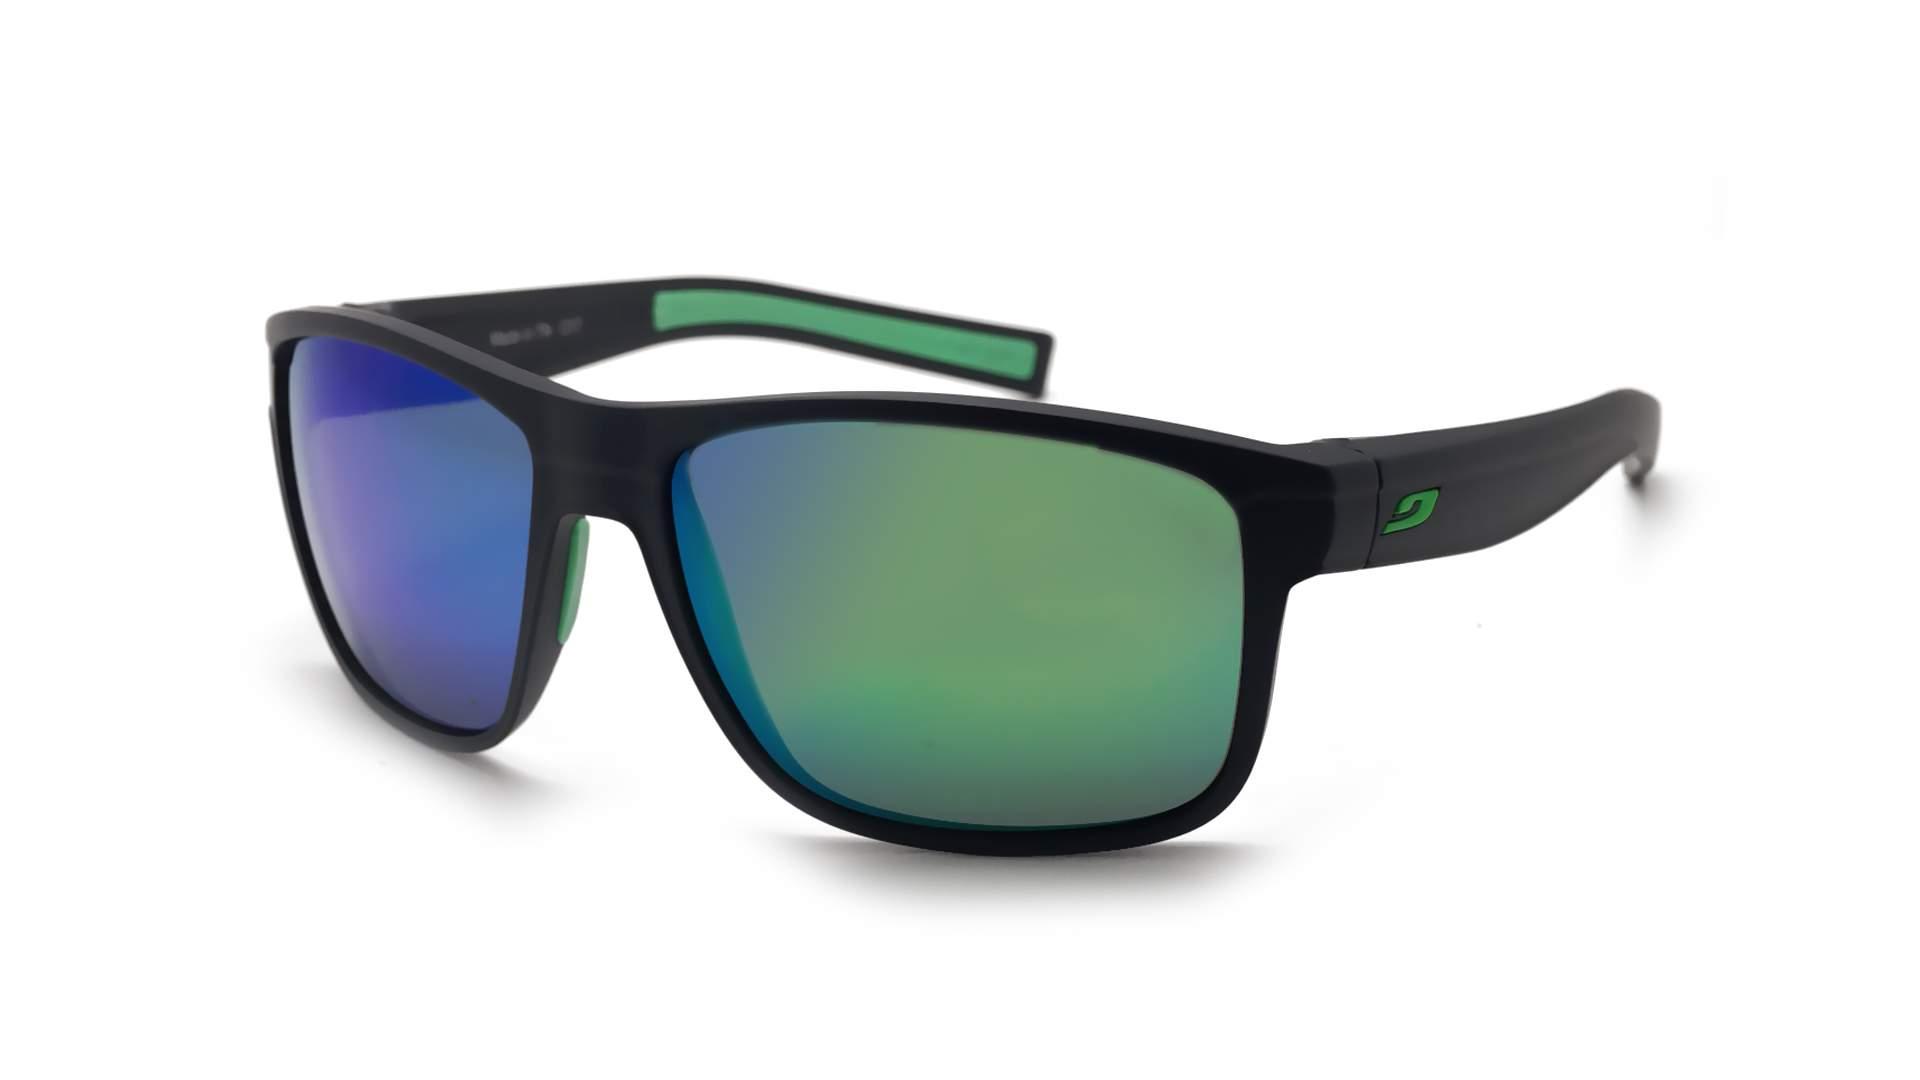 375ca444af Sunglasses Julbo Renegade Blue Matte J499 1112 59-17 Large Mirror